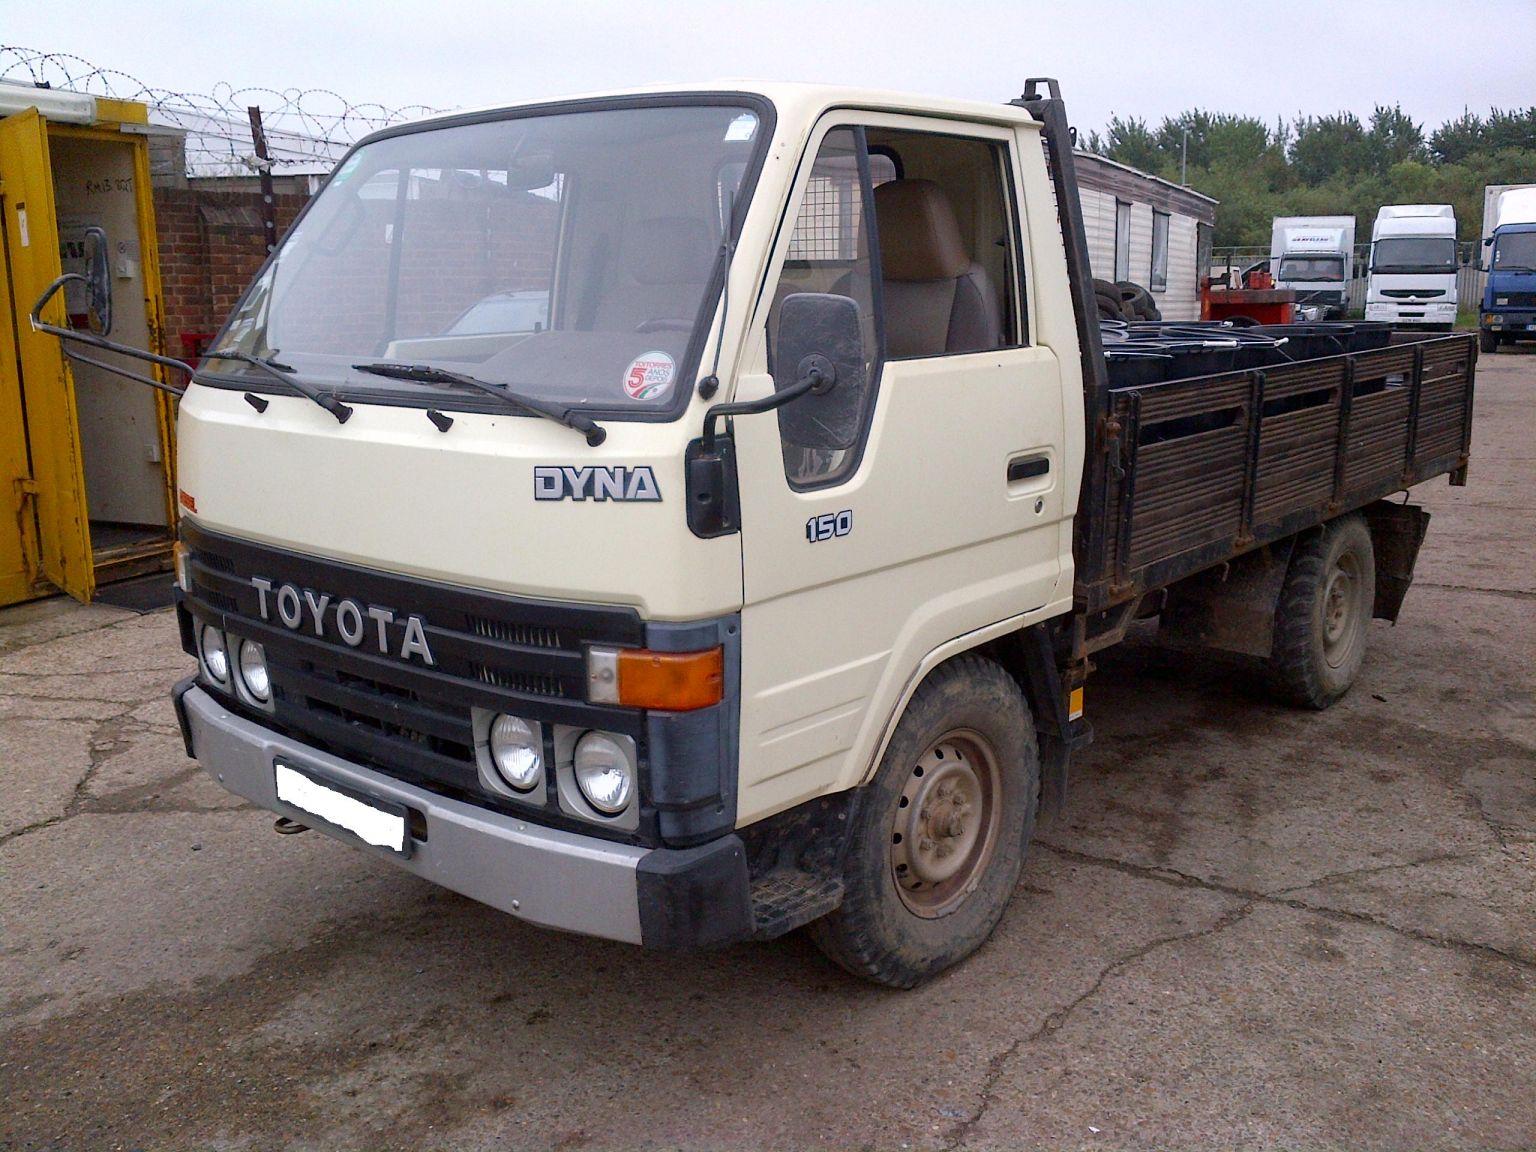 LHD Toyota Dyna 150